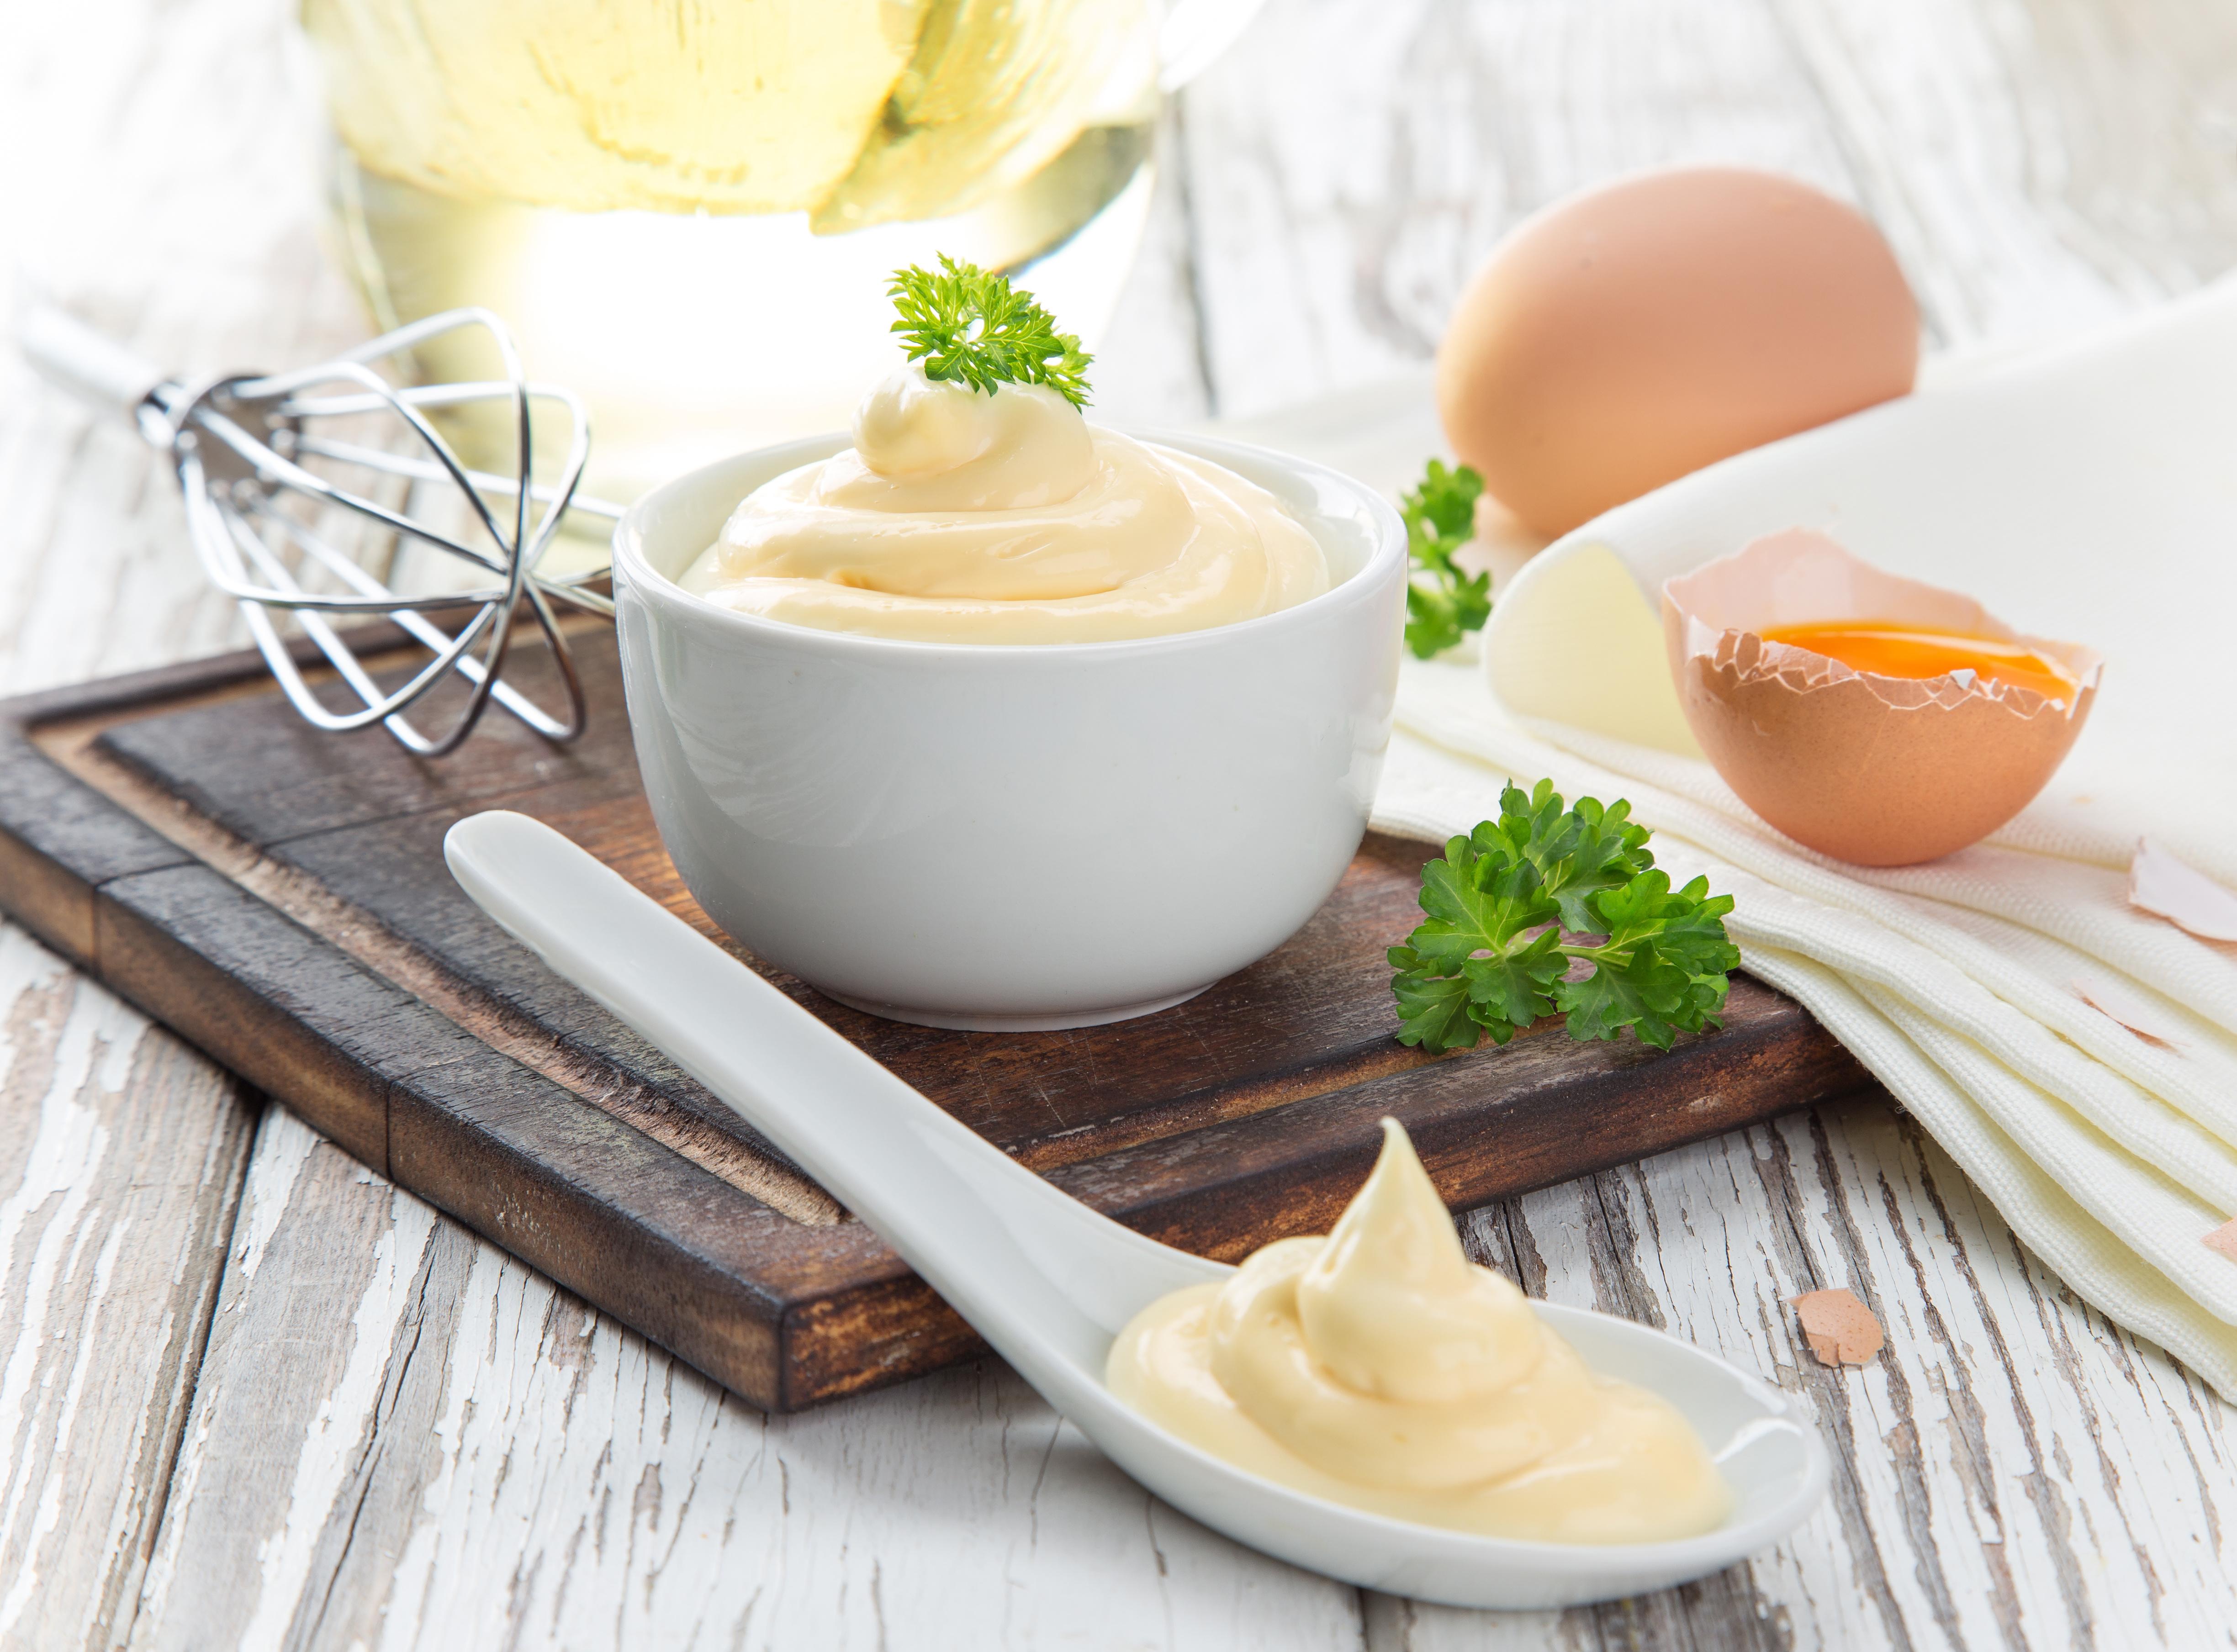 maionese uova frusta olio cucchiaio